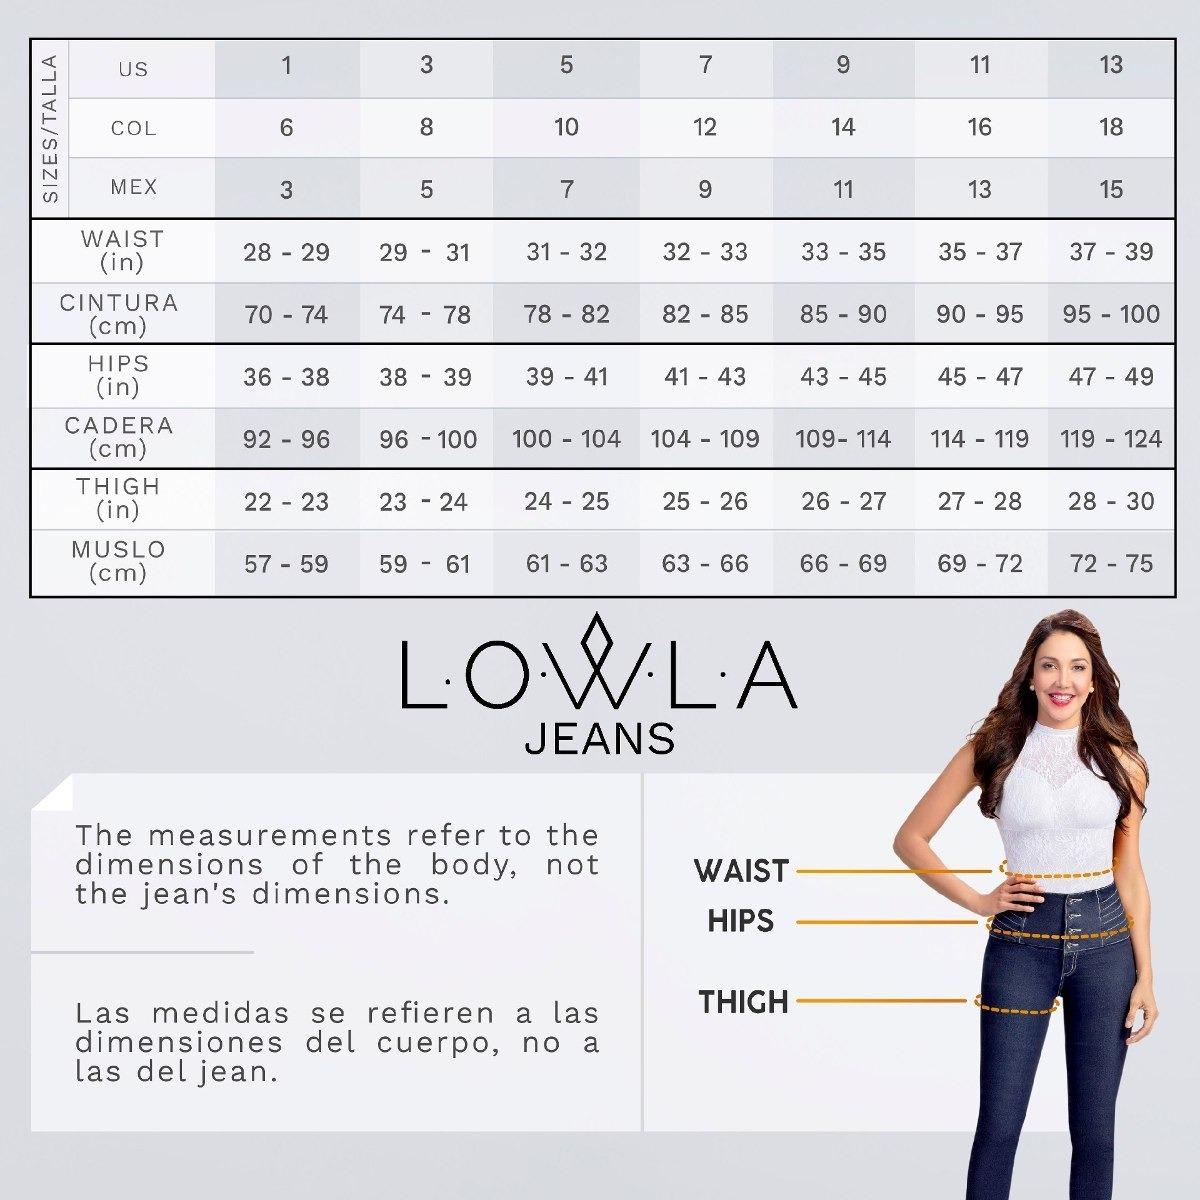 2b Ecommerce Pantalones Colombianos De Mujer Tipo Cuero Lowla Ccs2b0719 808 52